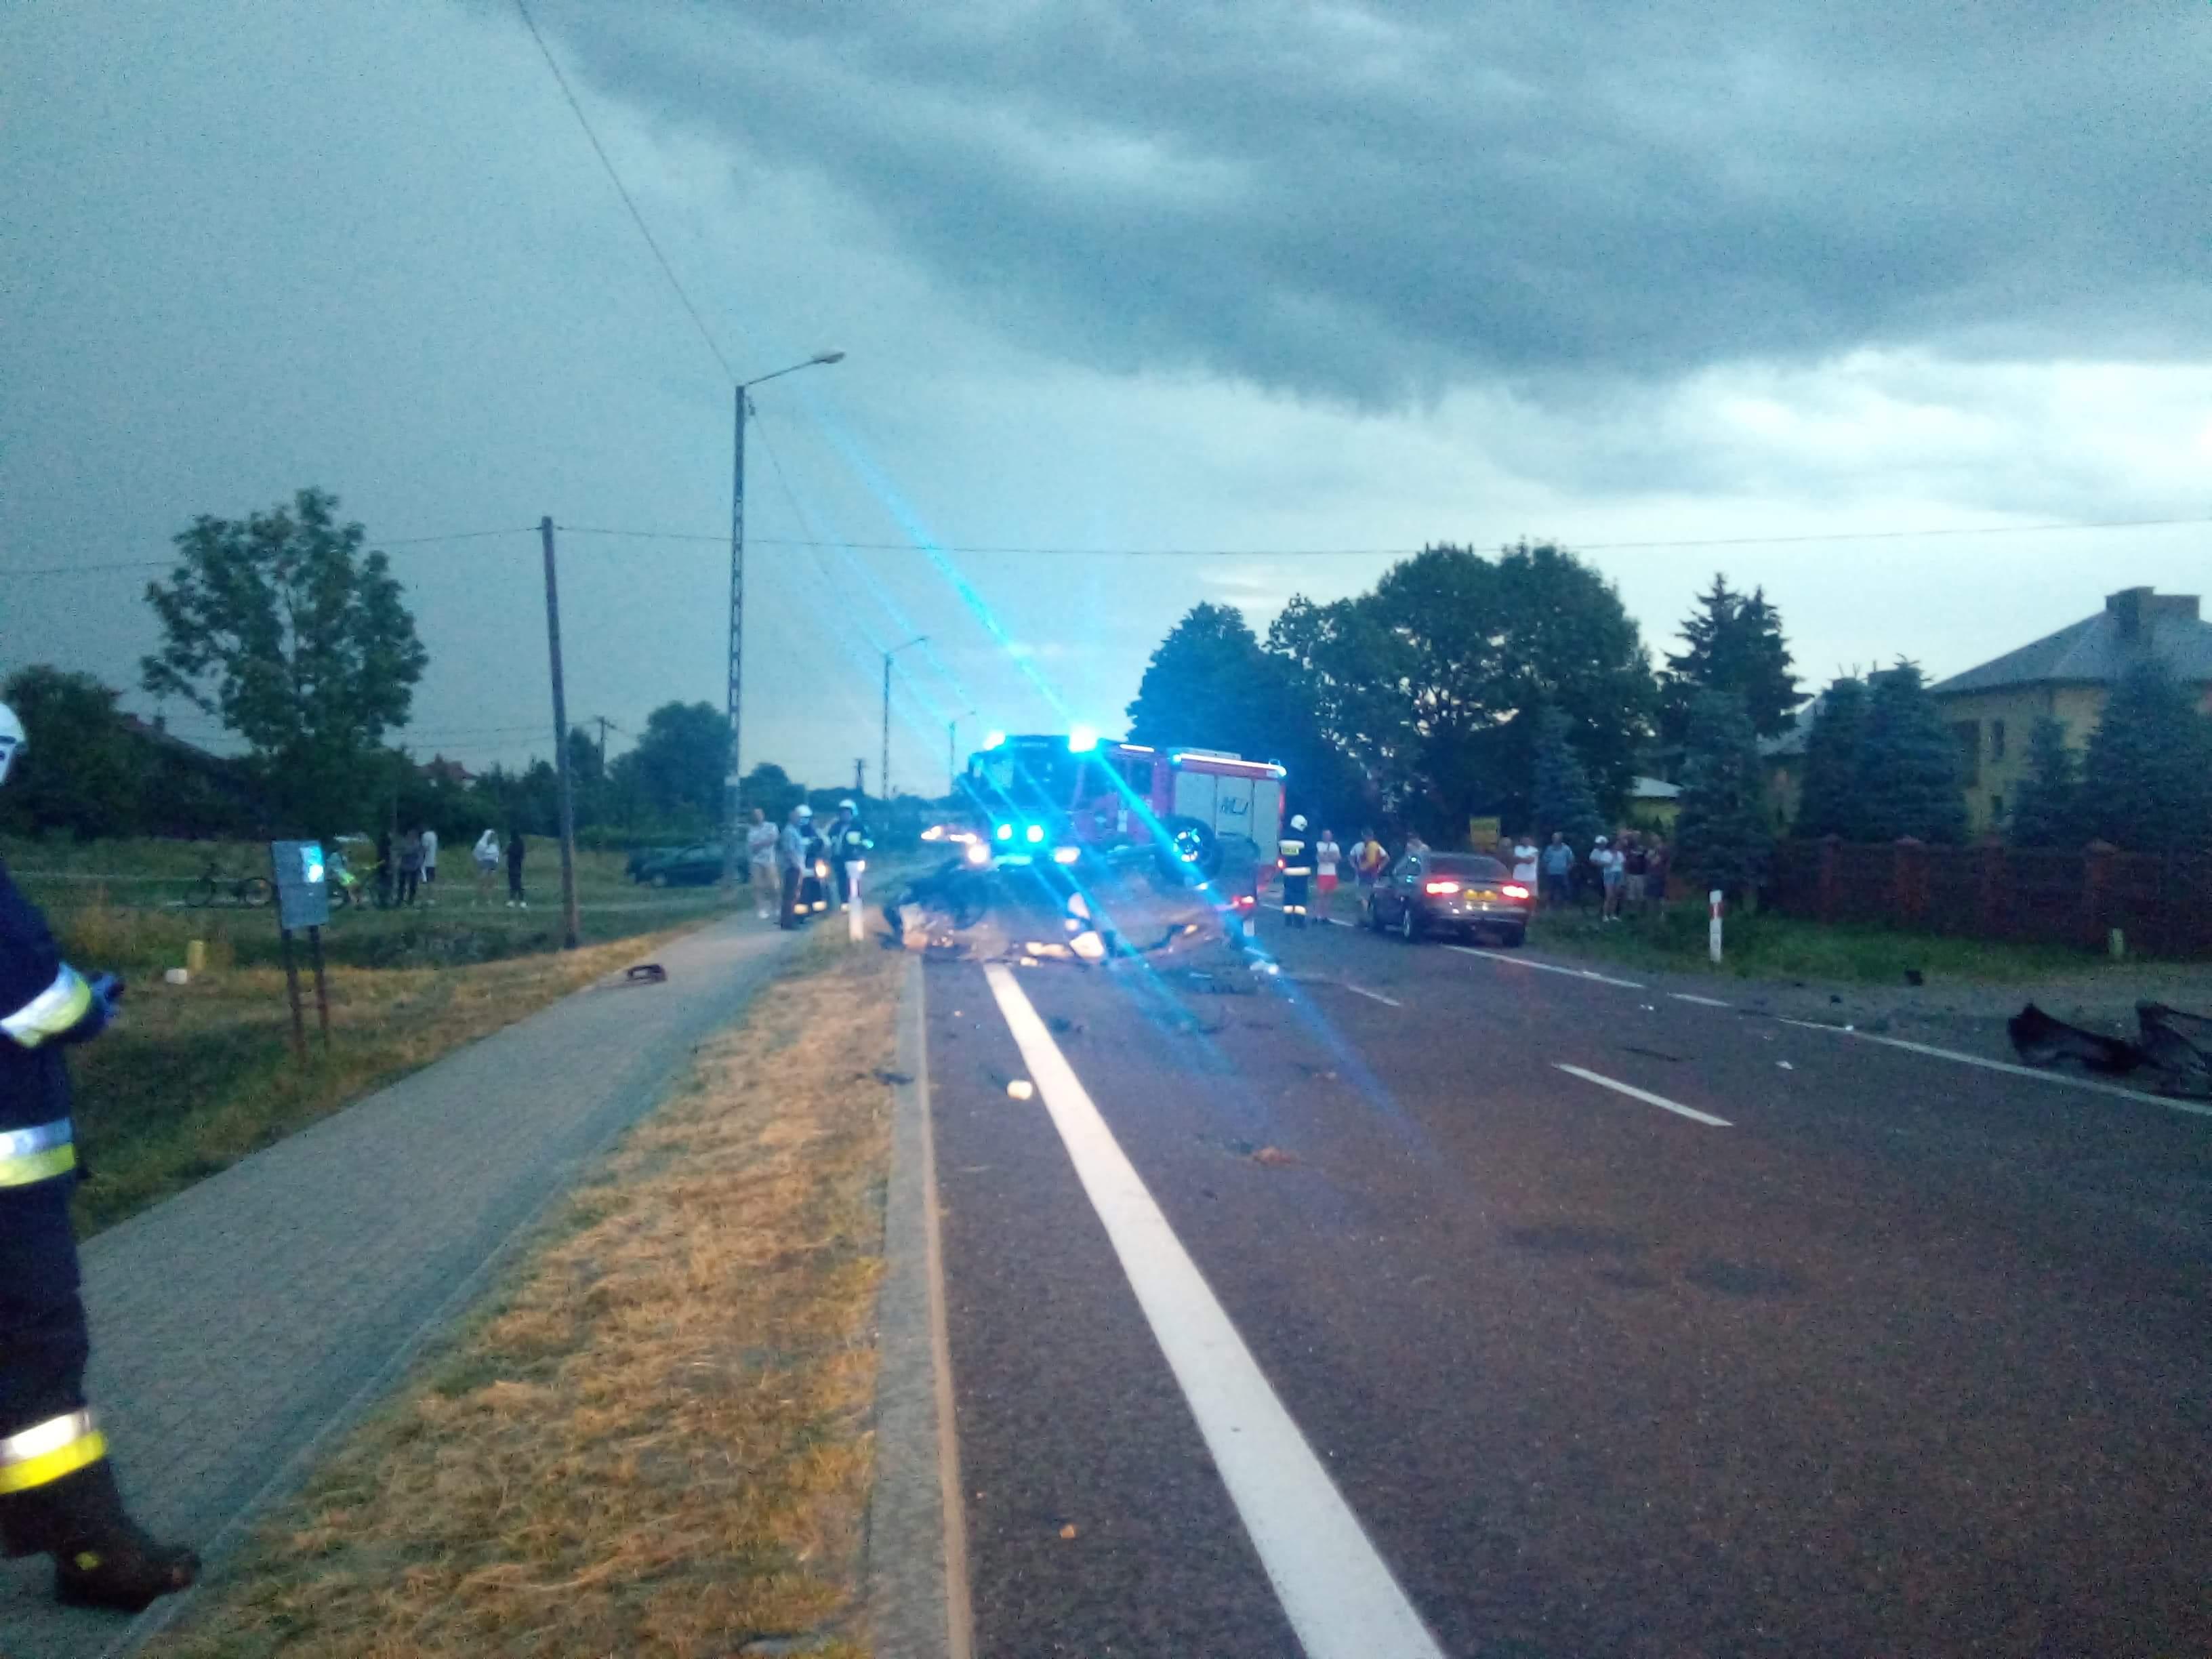 Wypadek w Widełce. Droga całkowice zablokowana [FOTO] - Zdjęcie główne